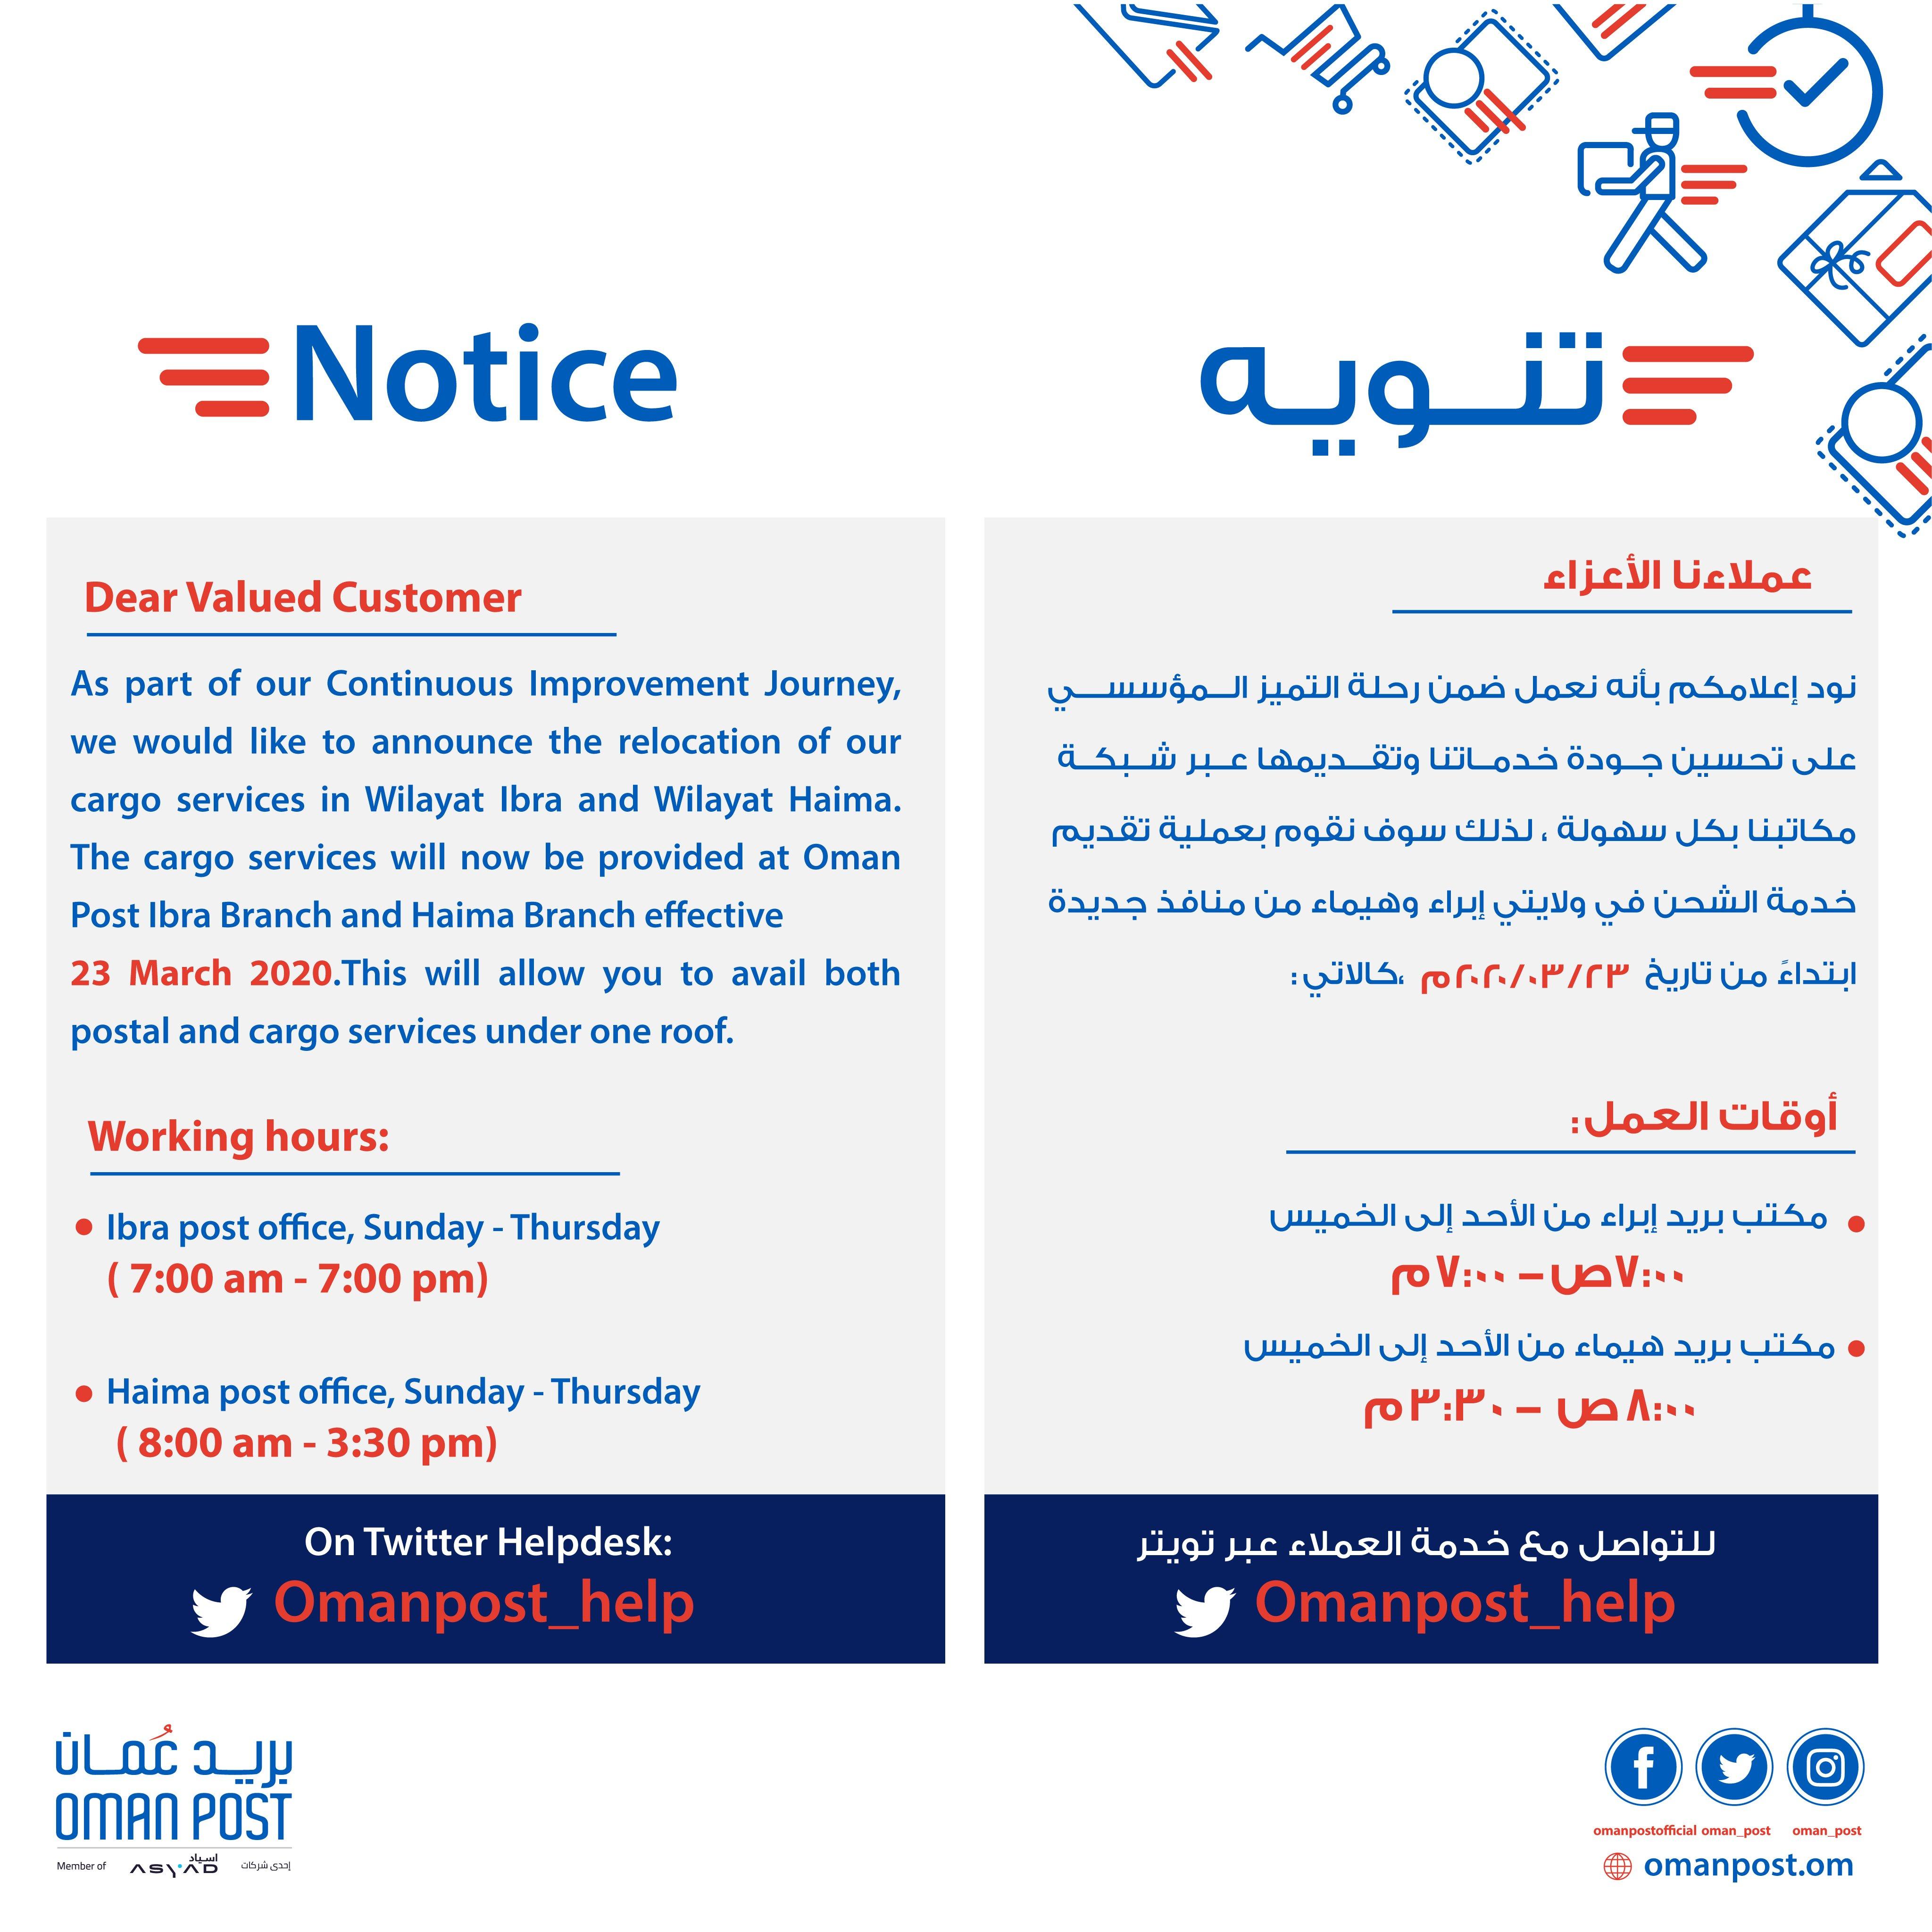 بريد عمان تعلن عن تقديم منافذ جديدة للشحن